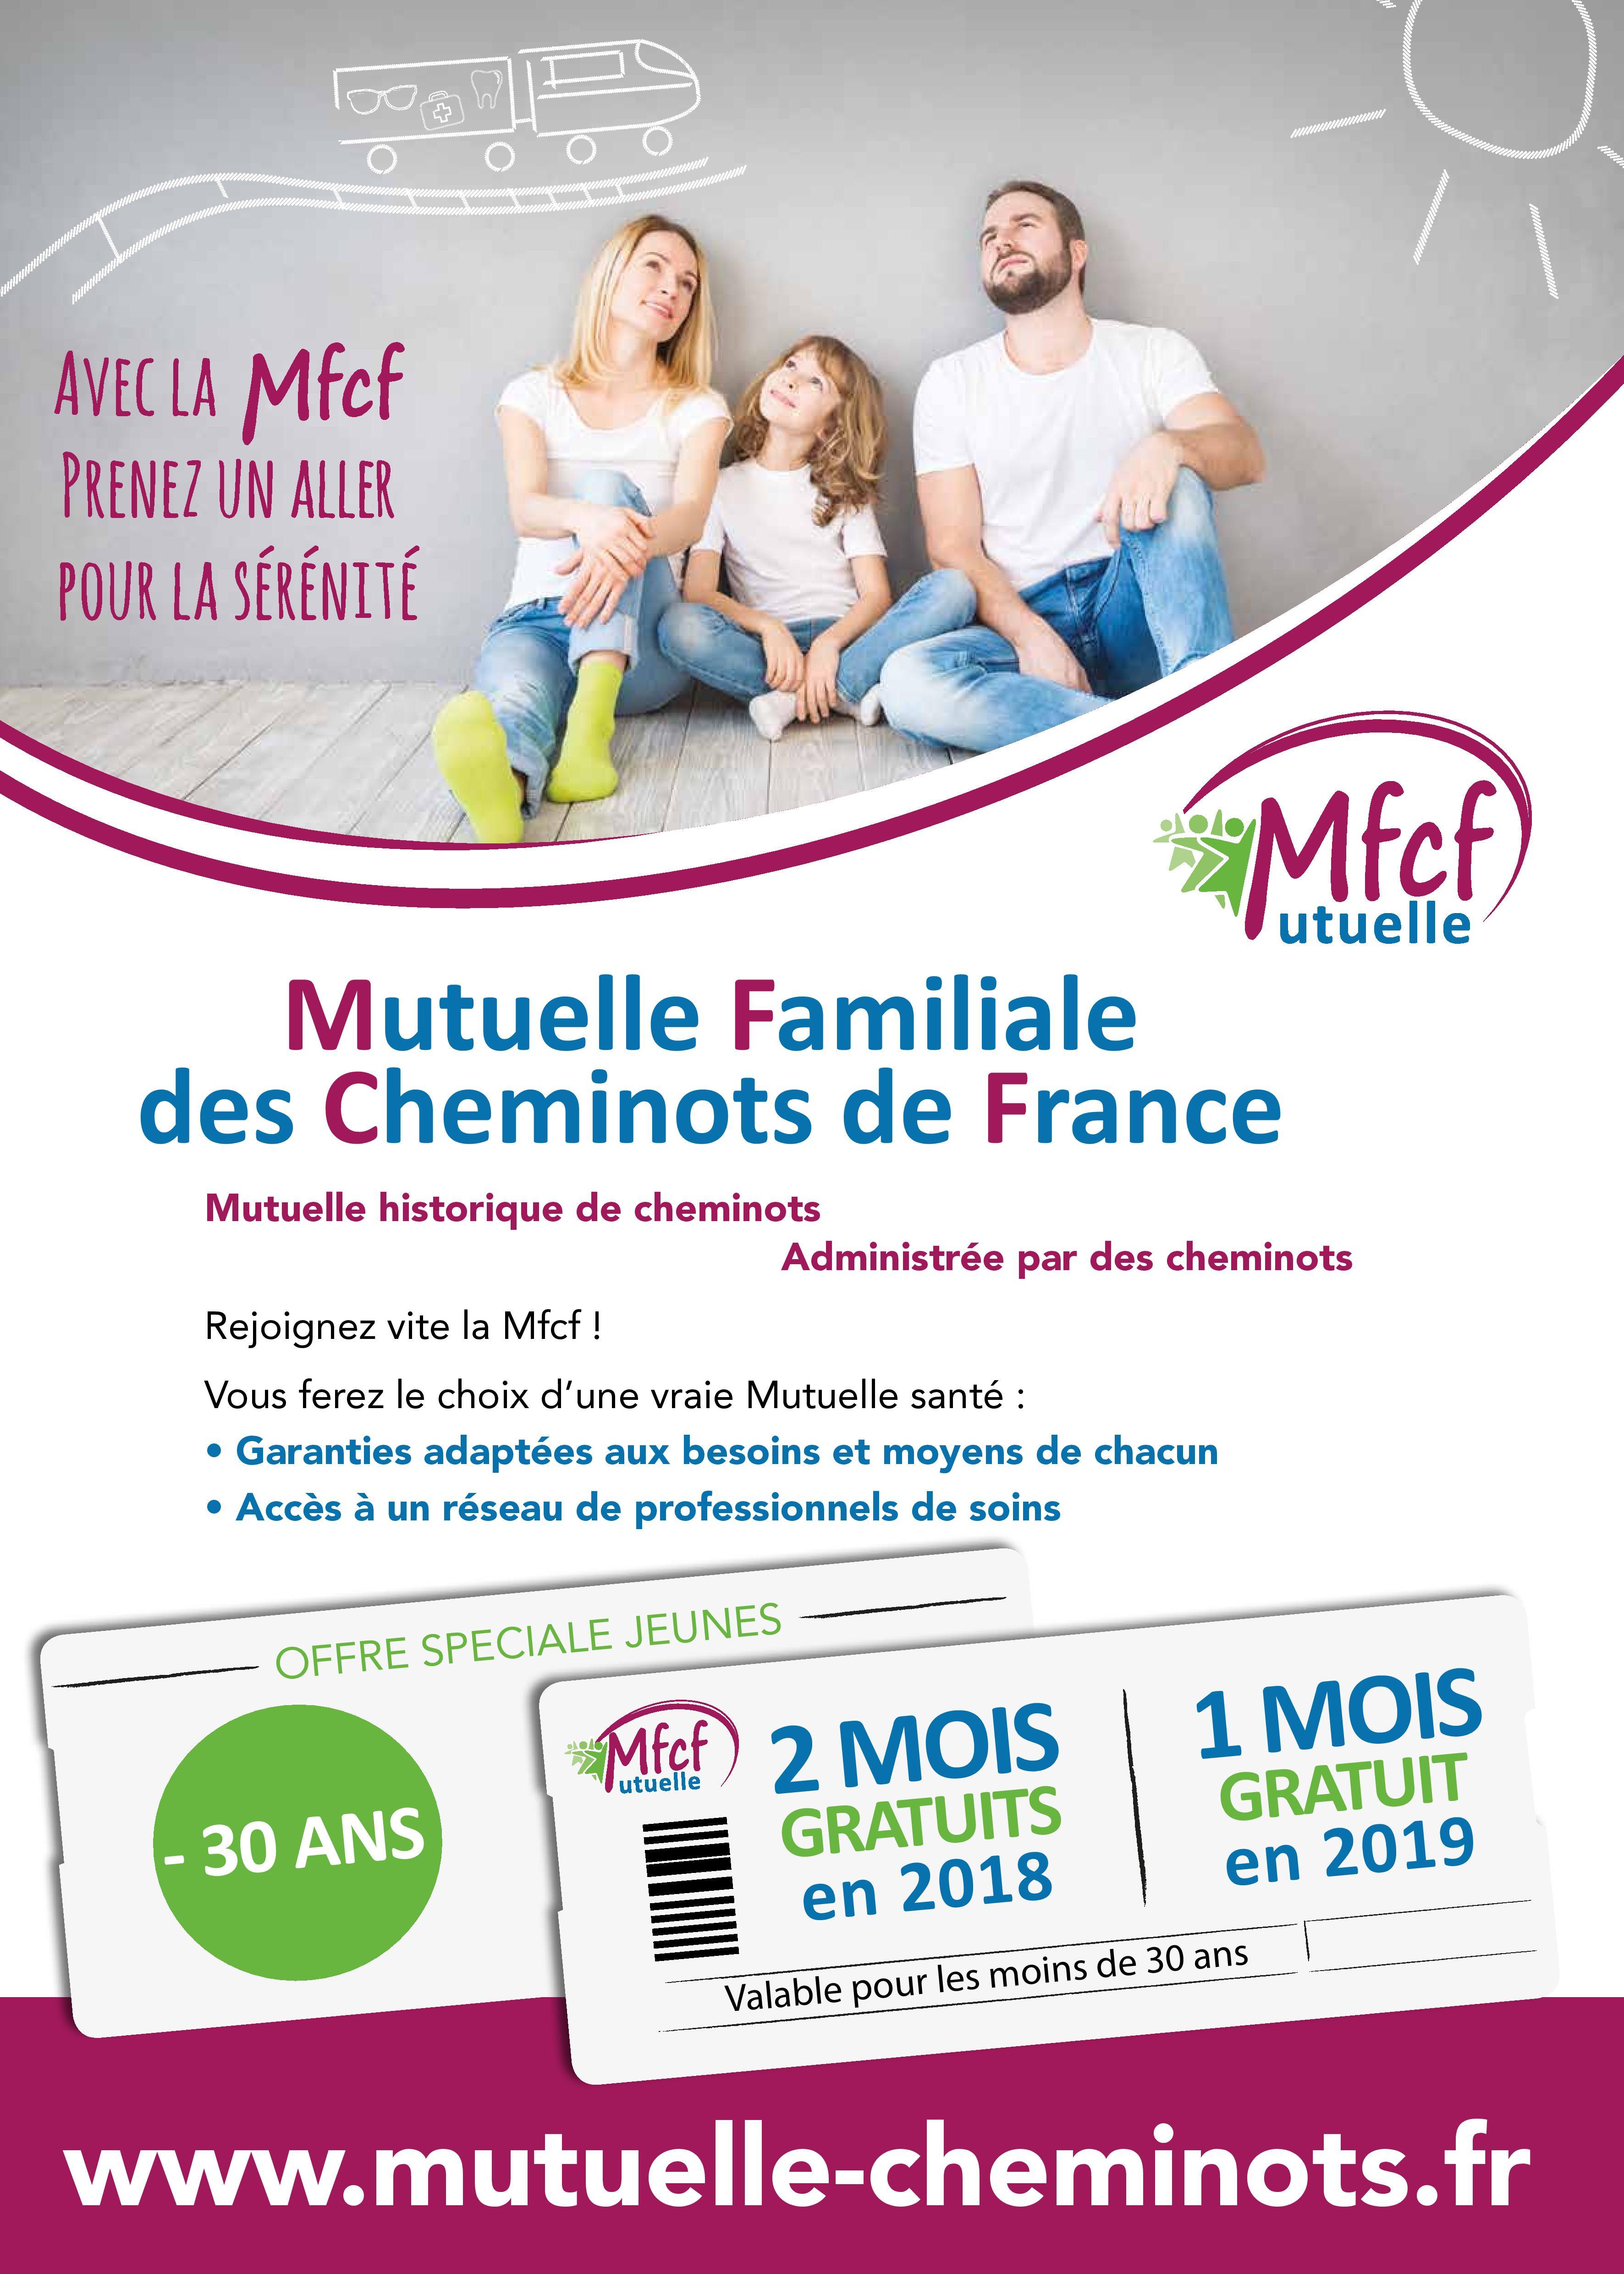 Les bons plans MFCF : jusqu'à 3 mois gratuits pour les moins de 30 ans !